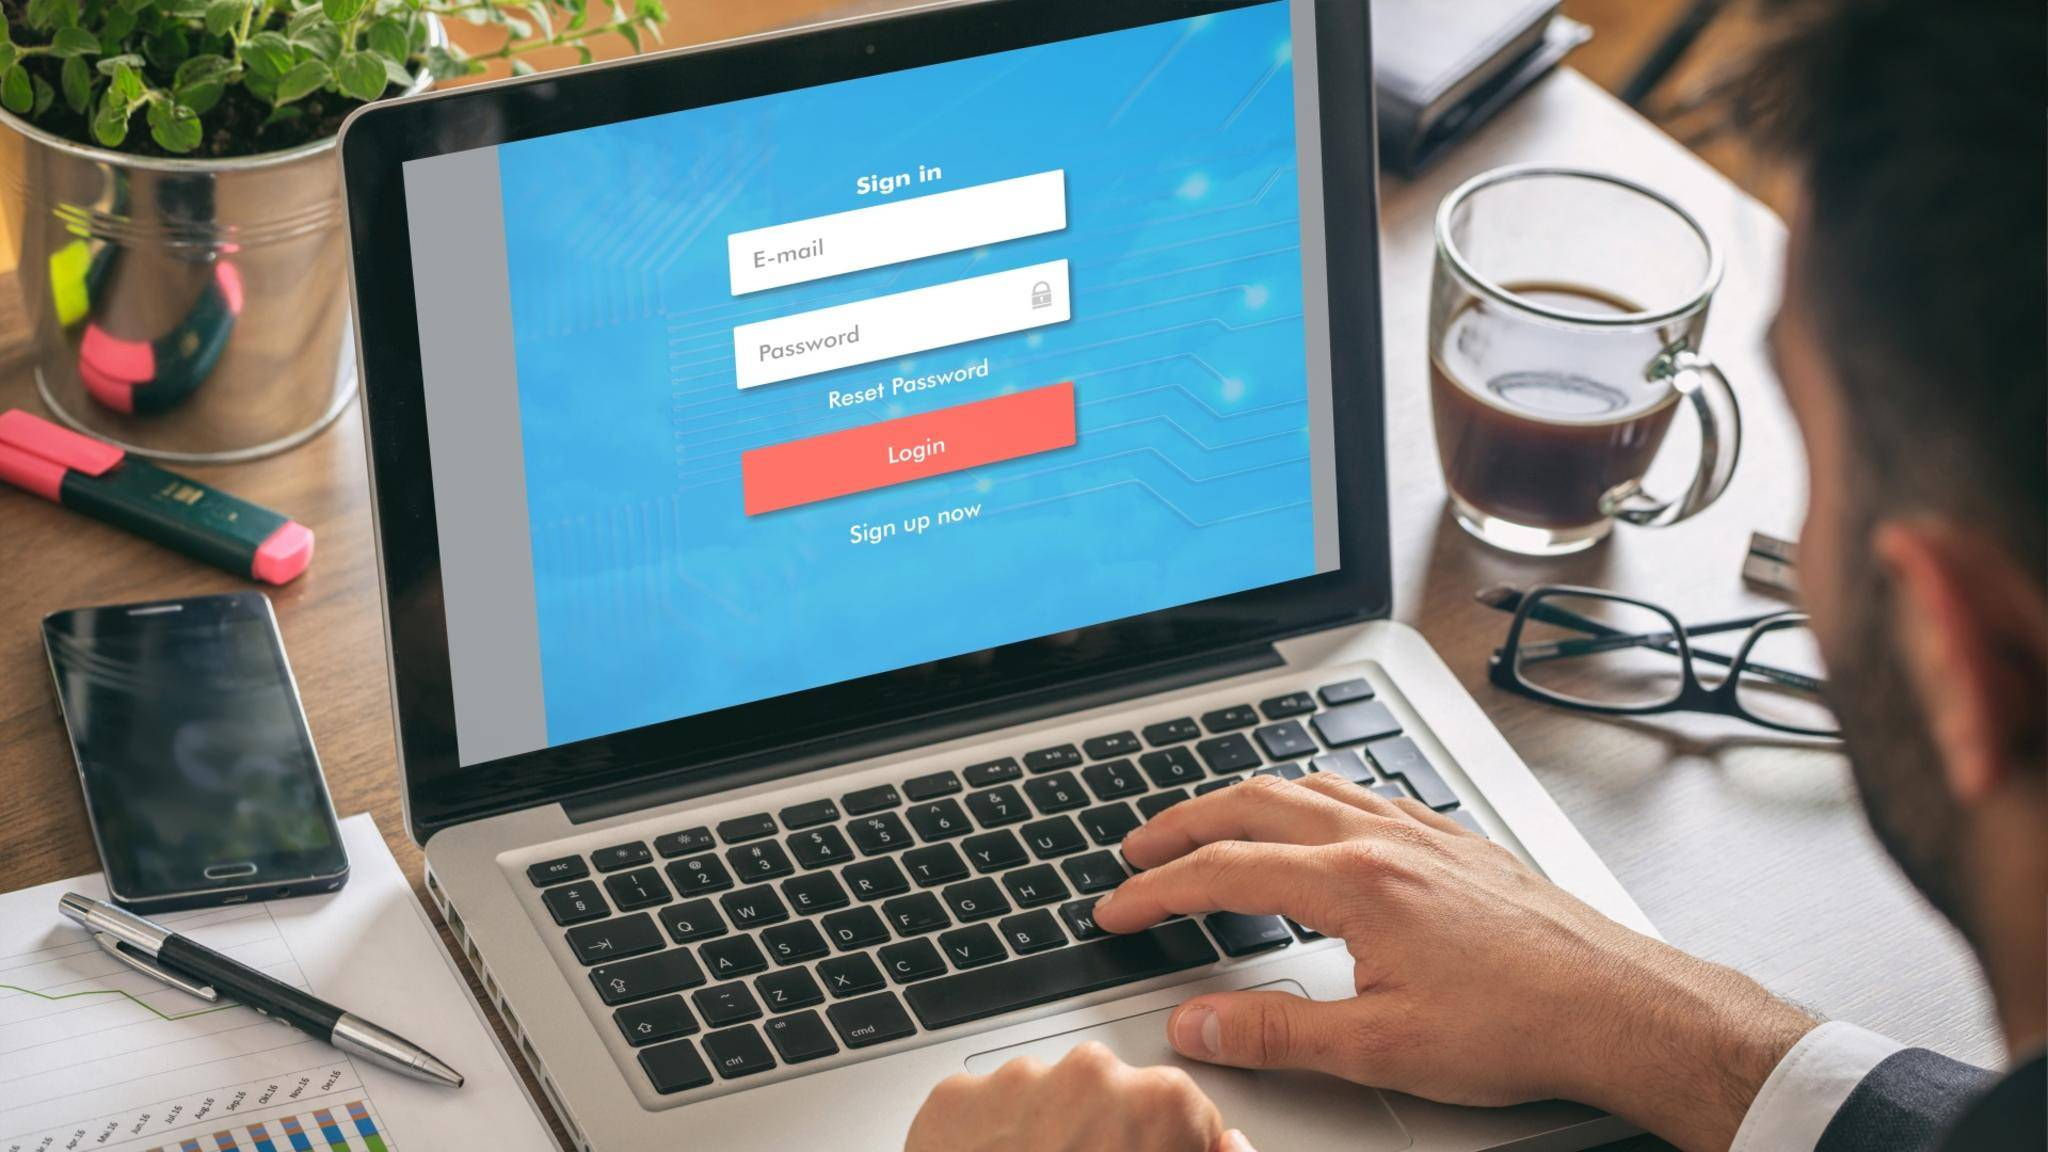 Für die Passwortverwaltung auf dem Mac bietet sich das kostenlose Tool Keepass an.